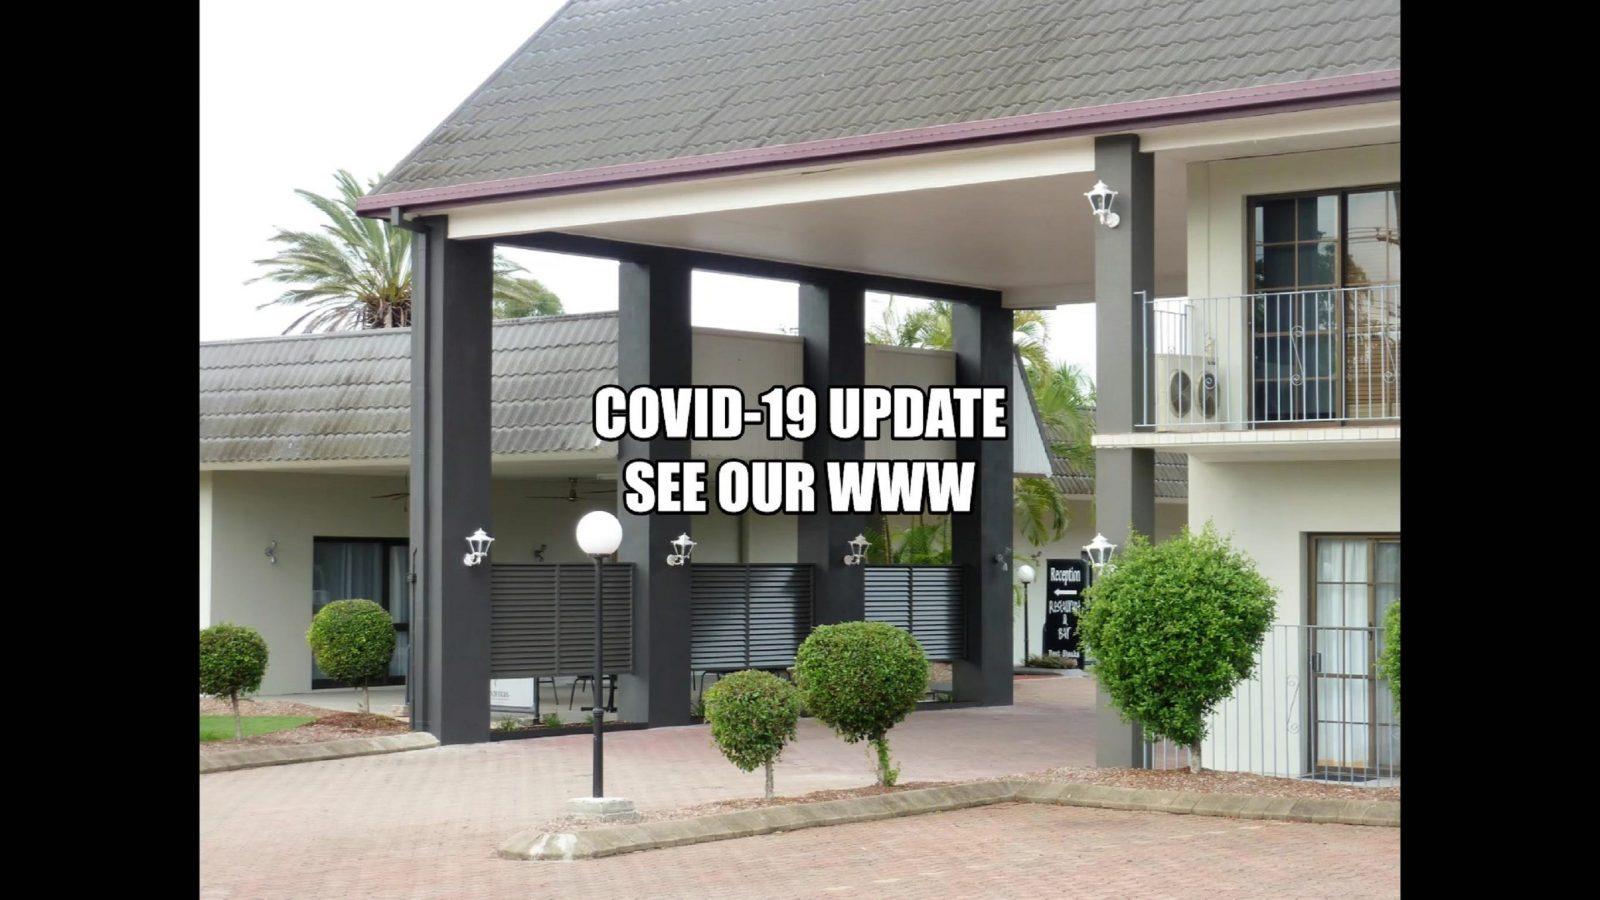 Entrance, accommodation, open, safe